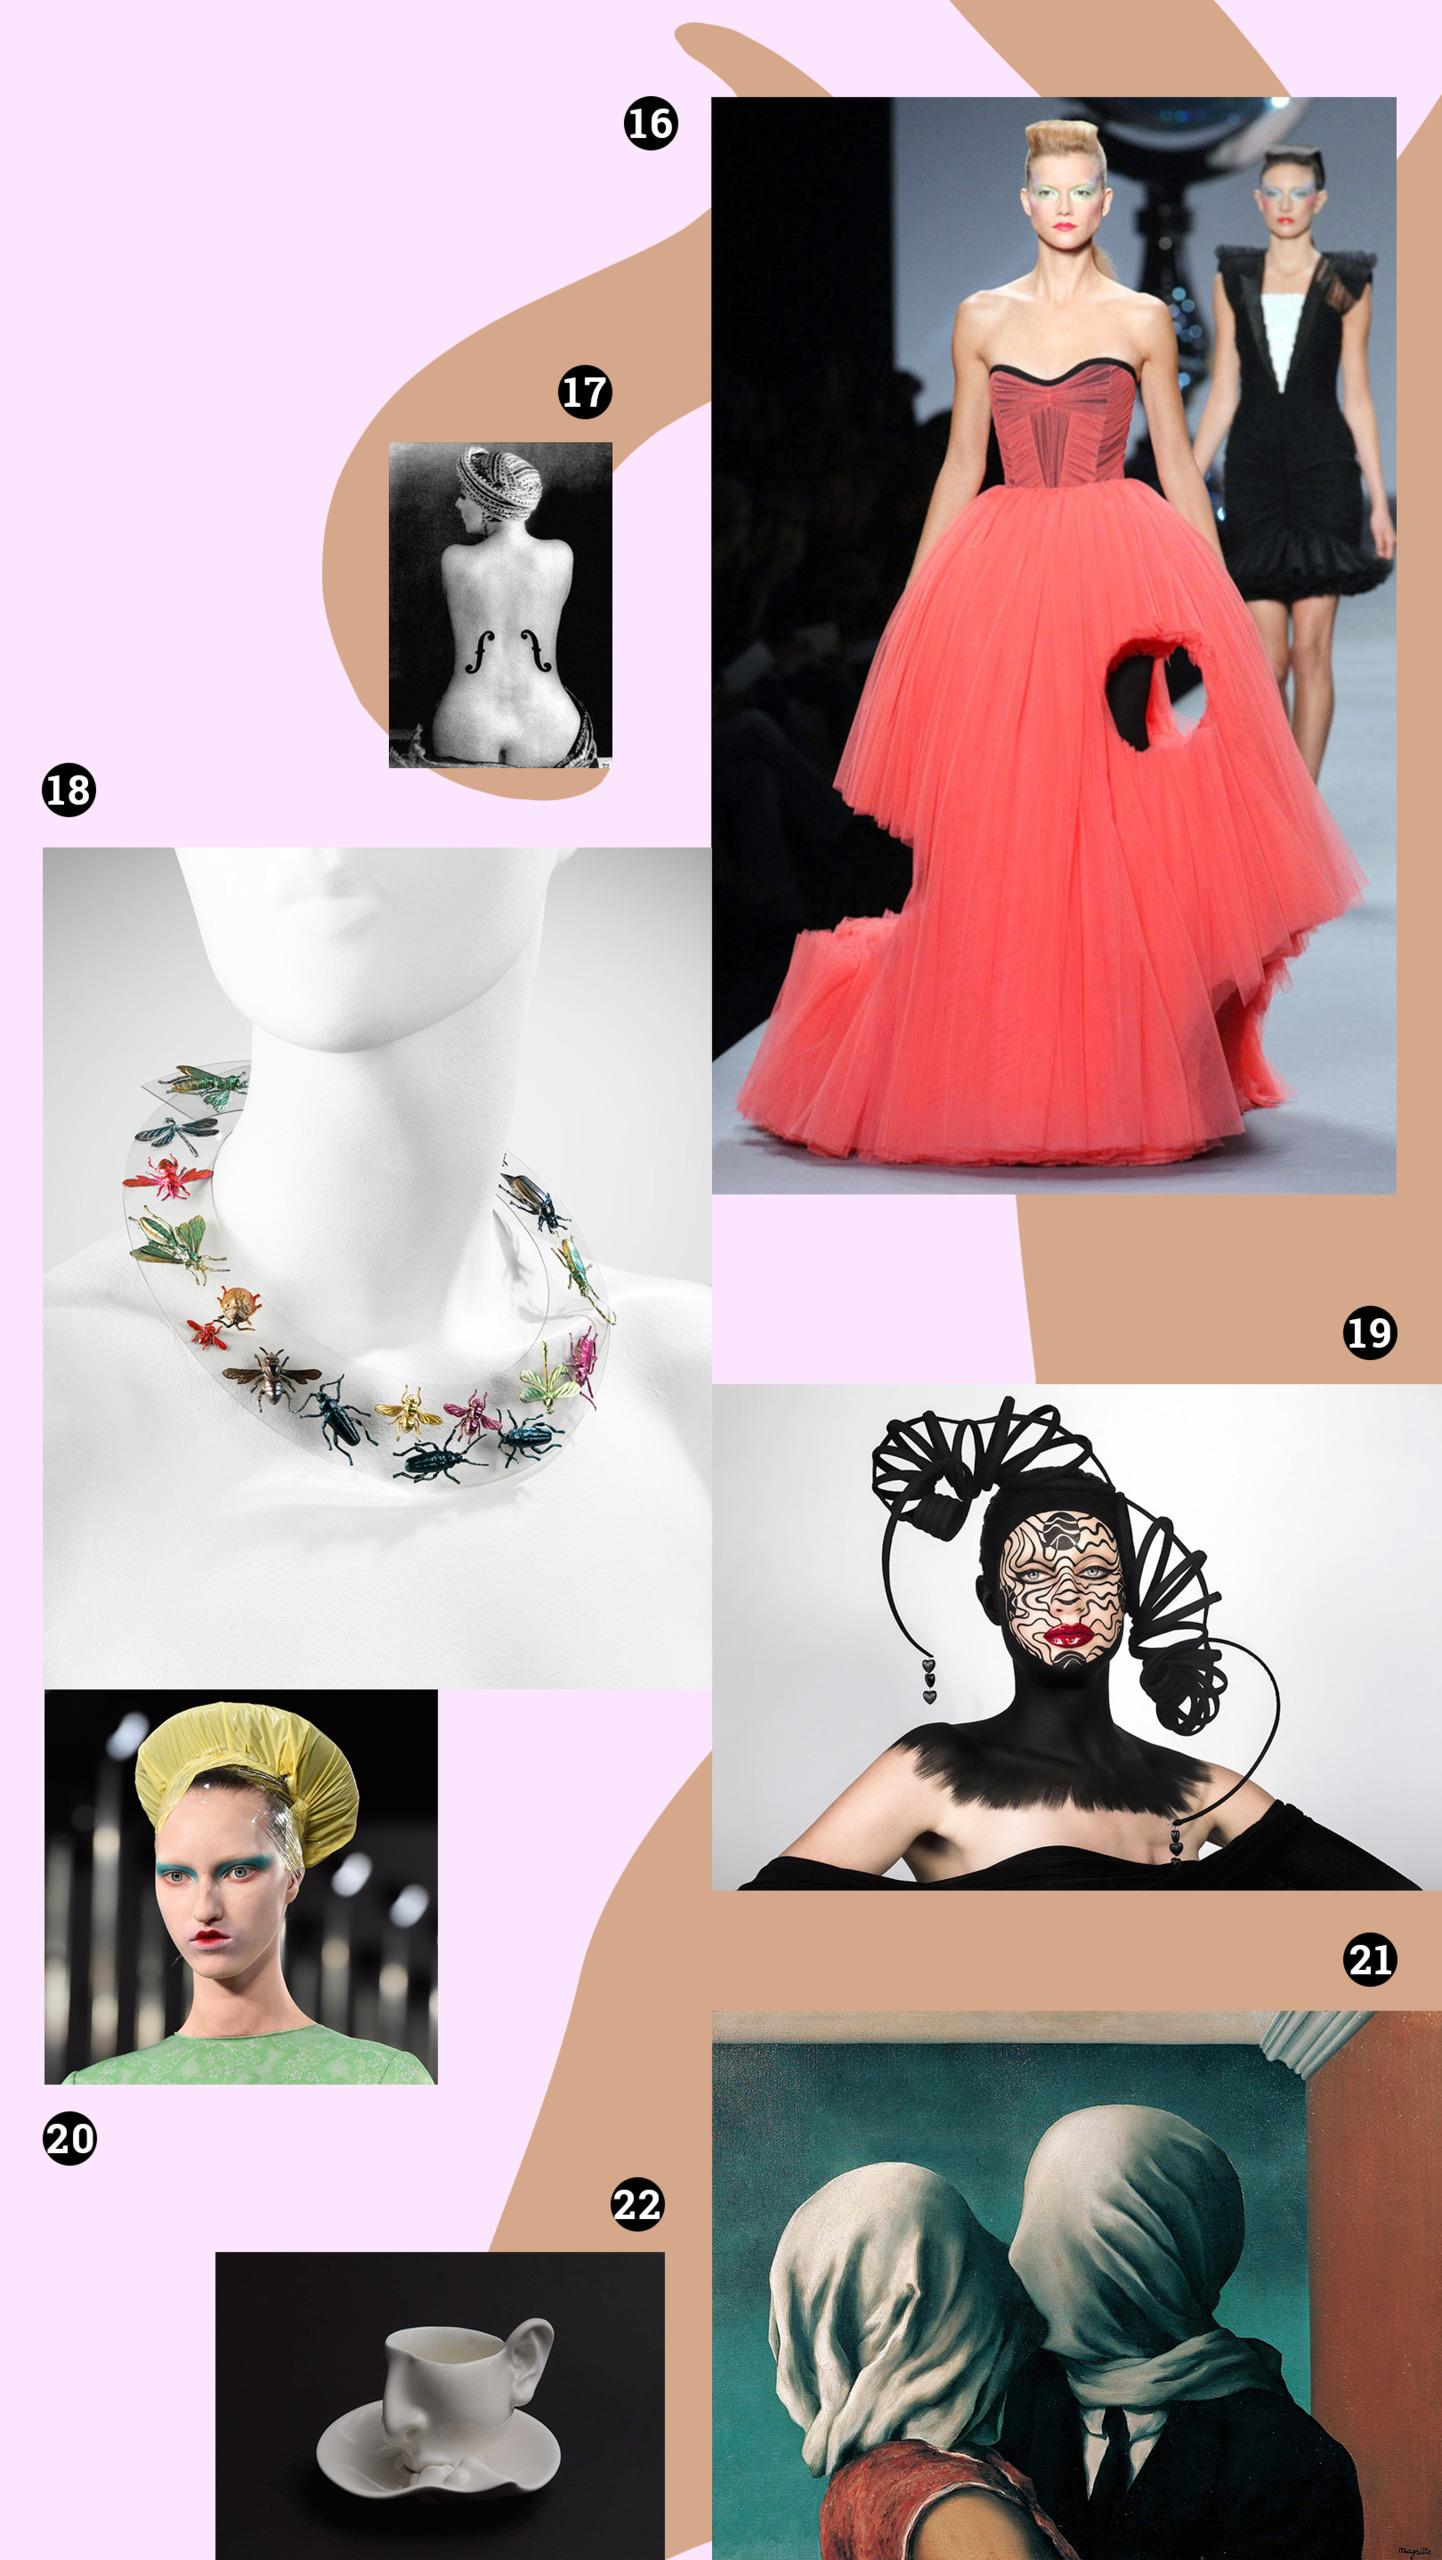 Obraz przedstawia różne zdjęcia na blado-różowym tle. Widzimy kobietę w czerwonej sukni, naszyjnik na białym manekinie, obraz, filiżankę.